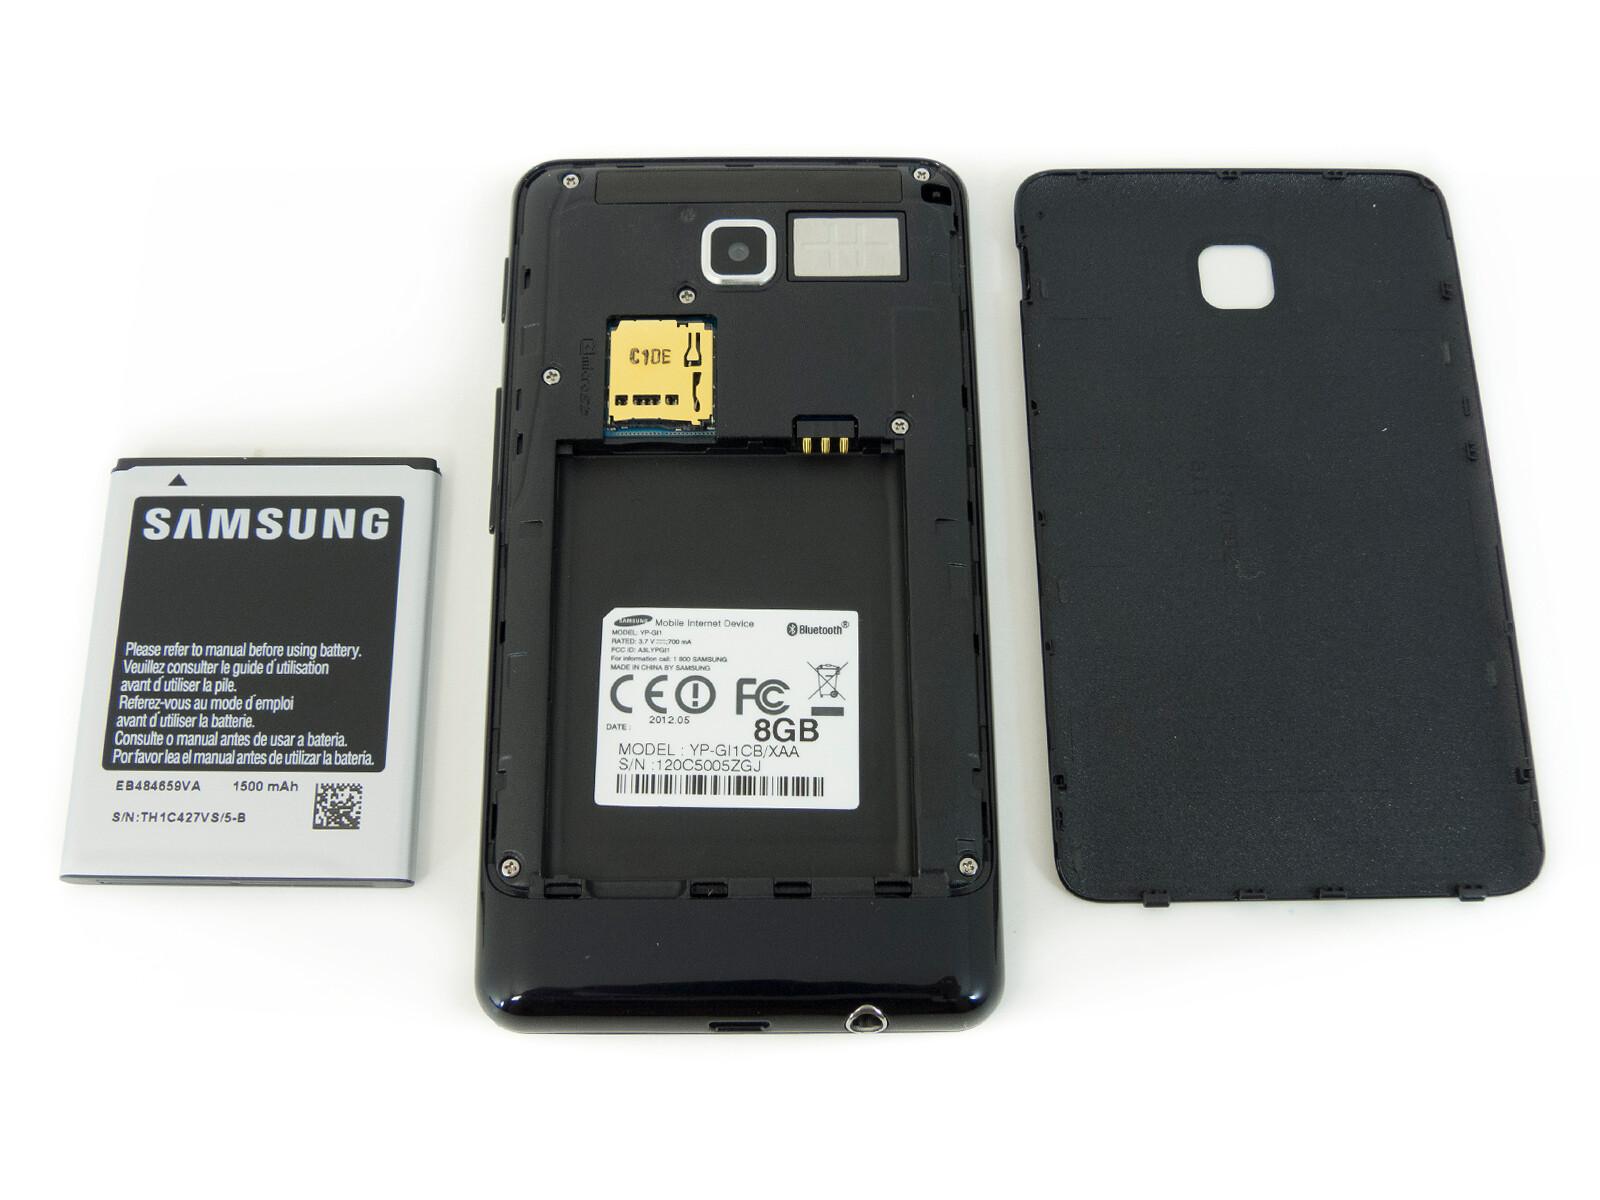 samsung galaxy player 4 2 photos rh phonearena com Samsung Galaxy Note Manual Camera Samsung Galaxy S3 Manual